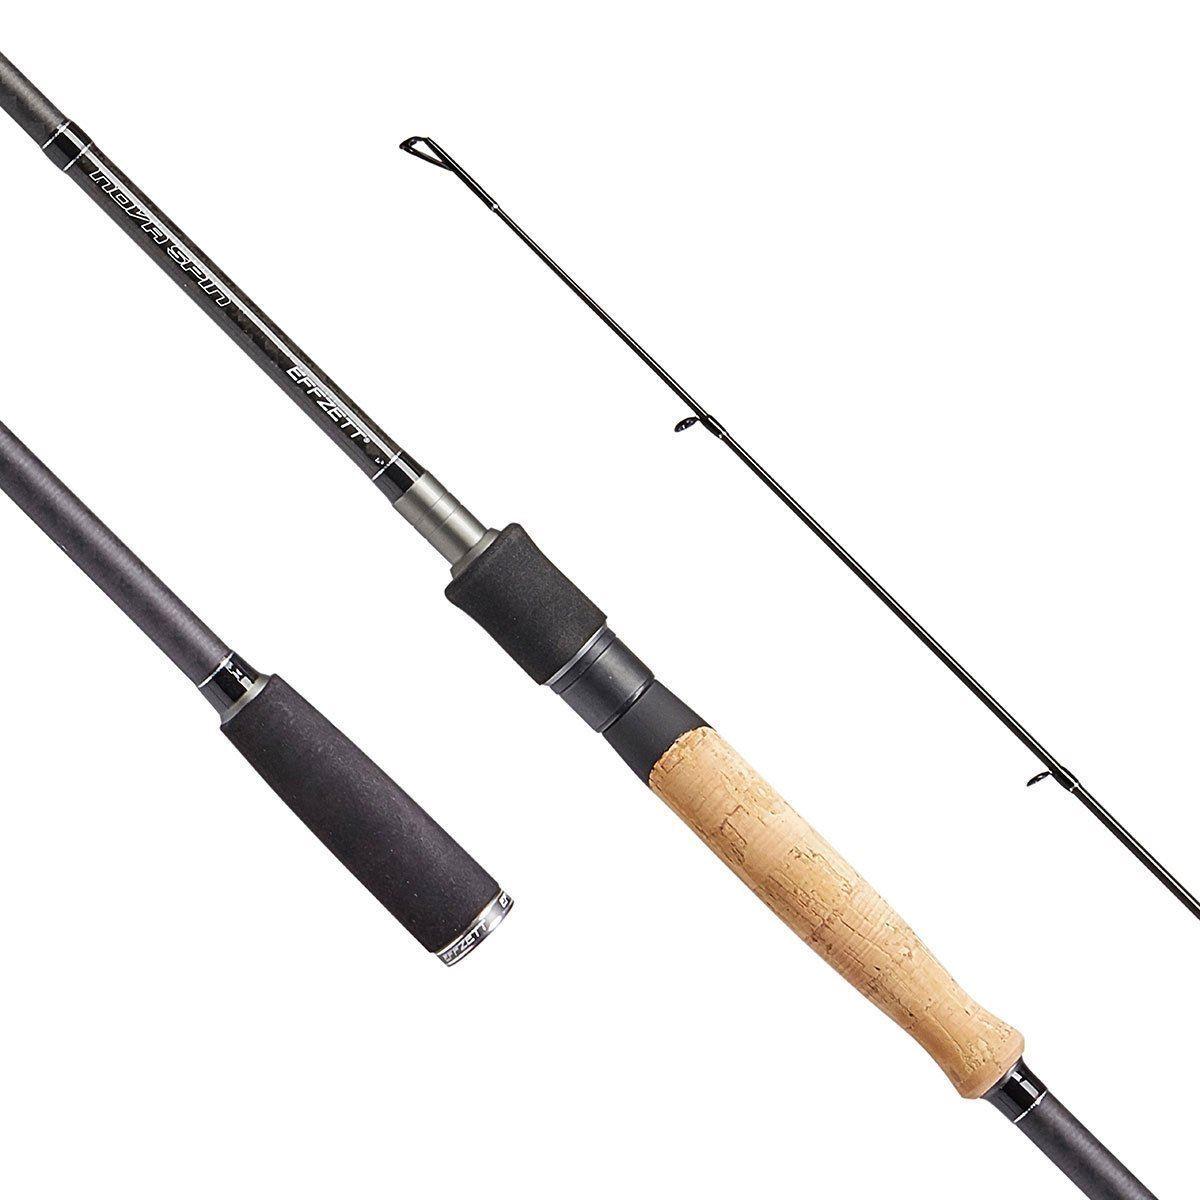 DAM Effzett NOVA SPIN Spinning Rod 1,65m  2,7m Varie Taglie esca da Pesca